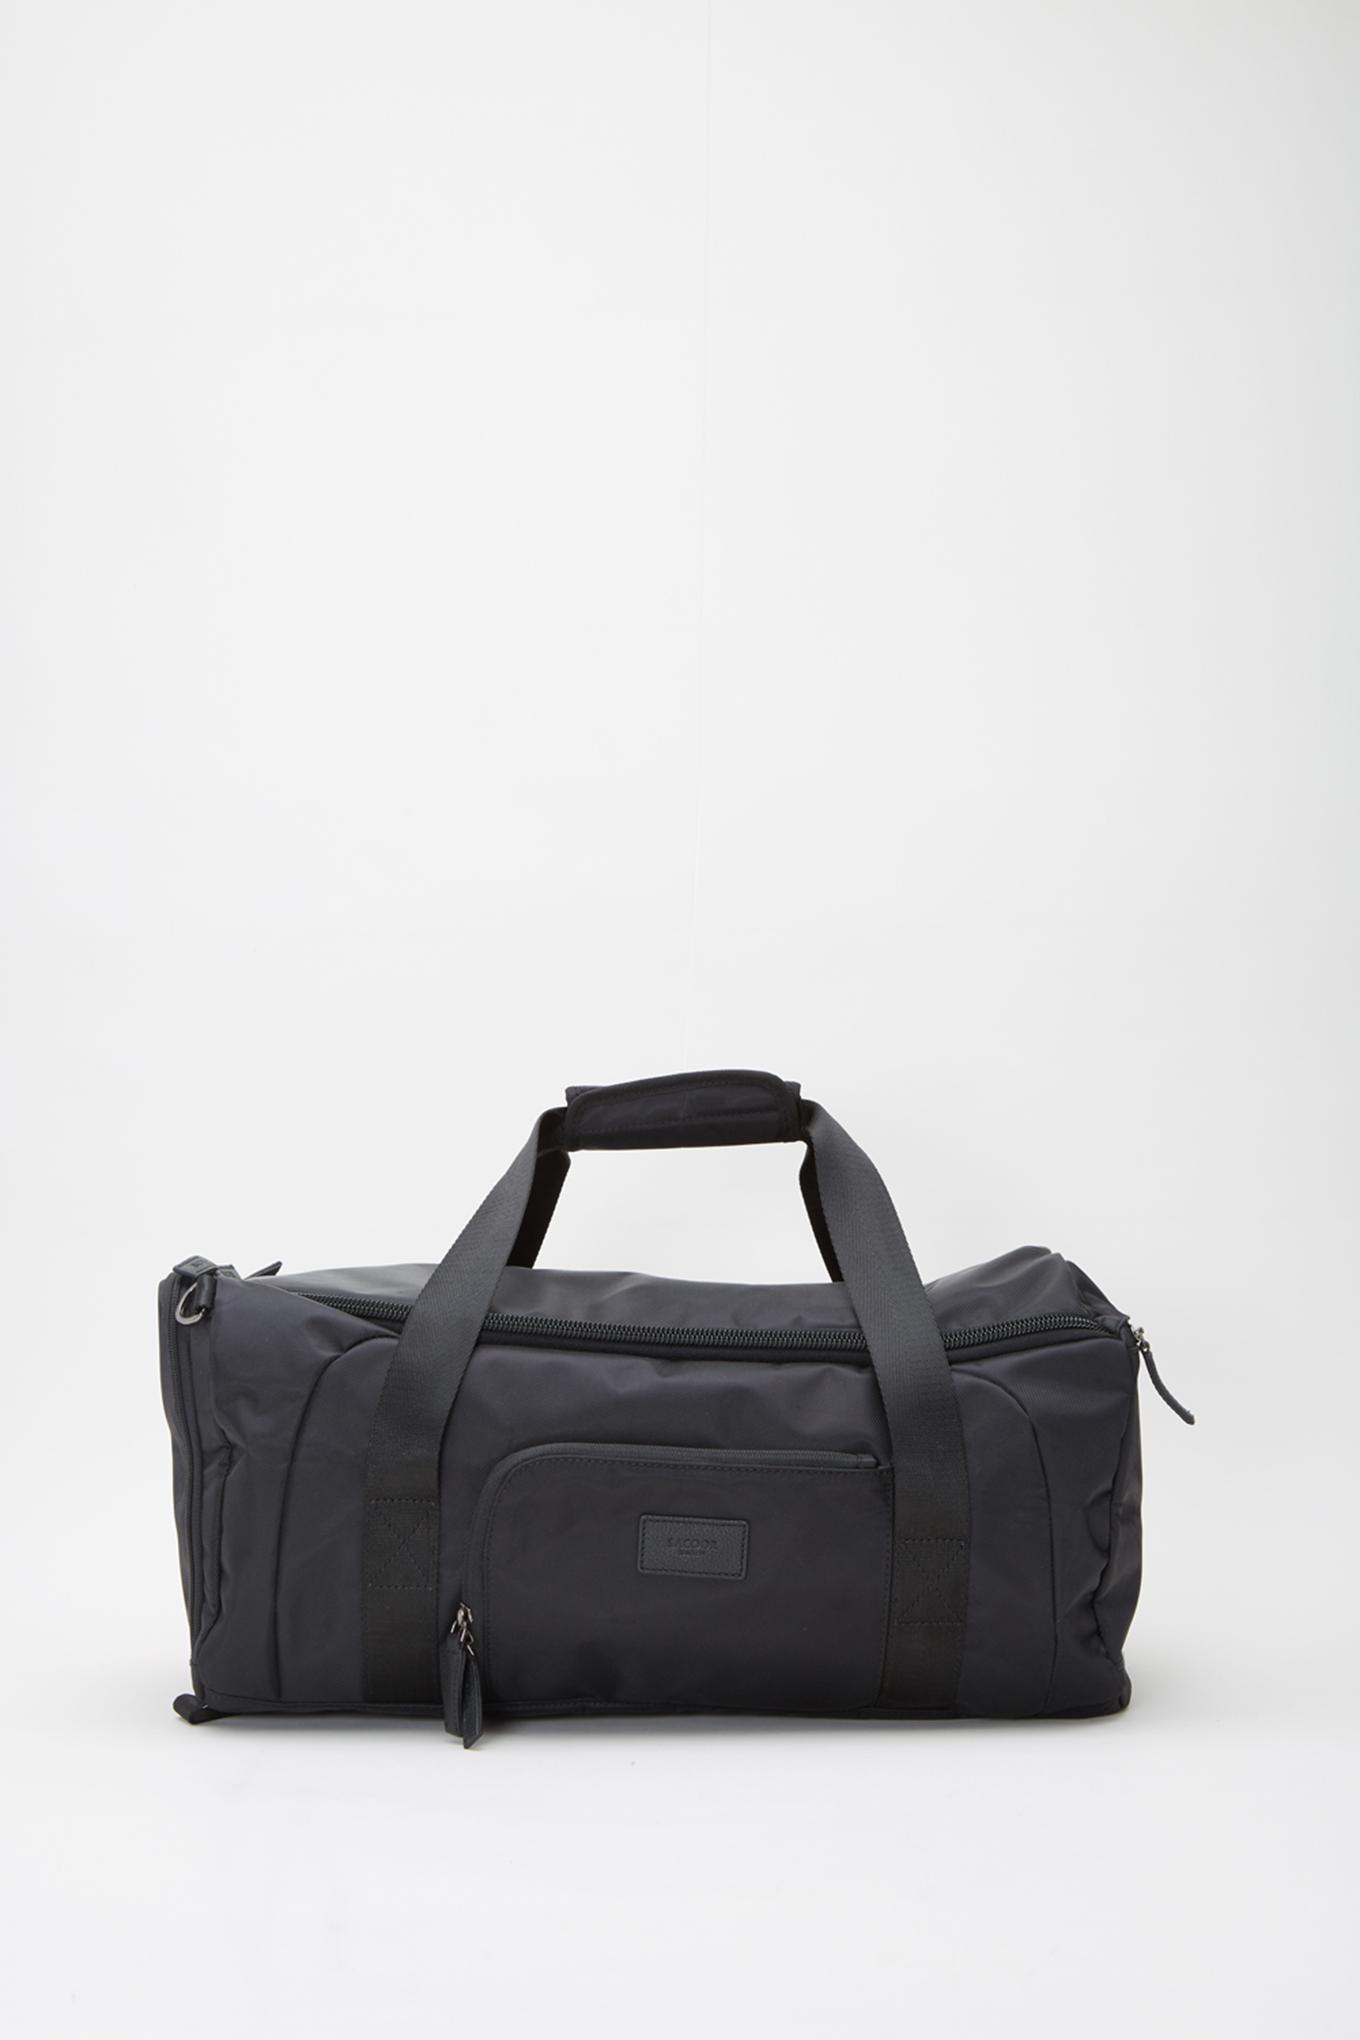 Bag Black Casual Man